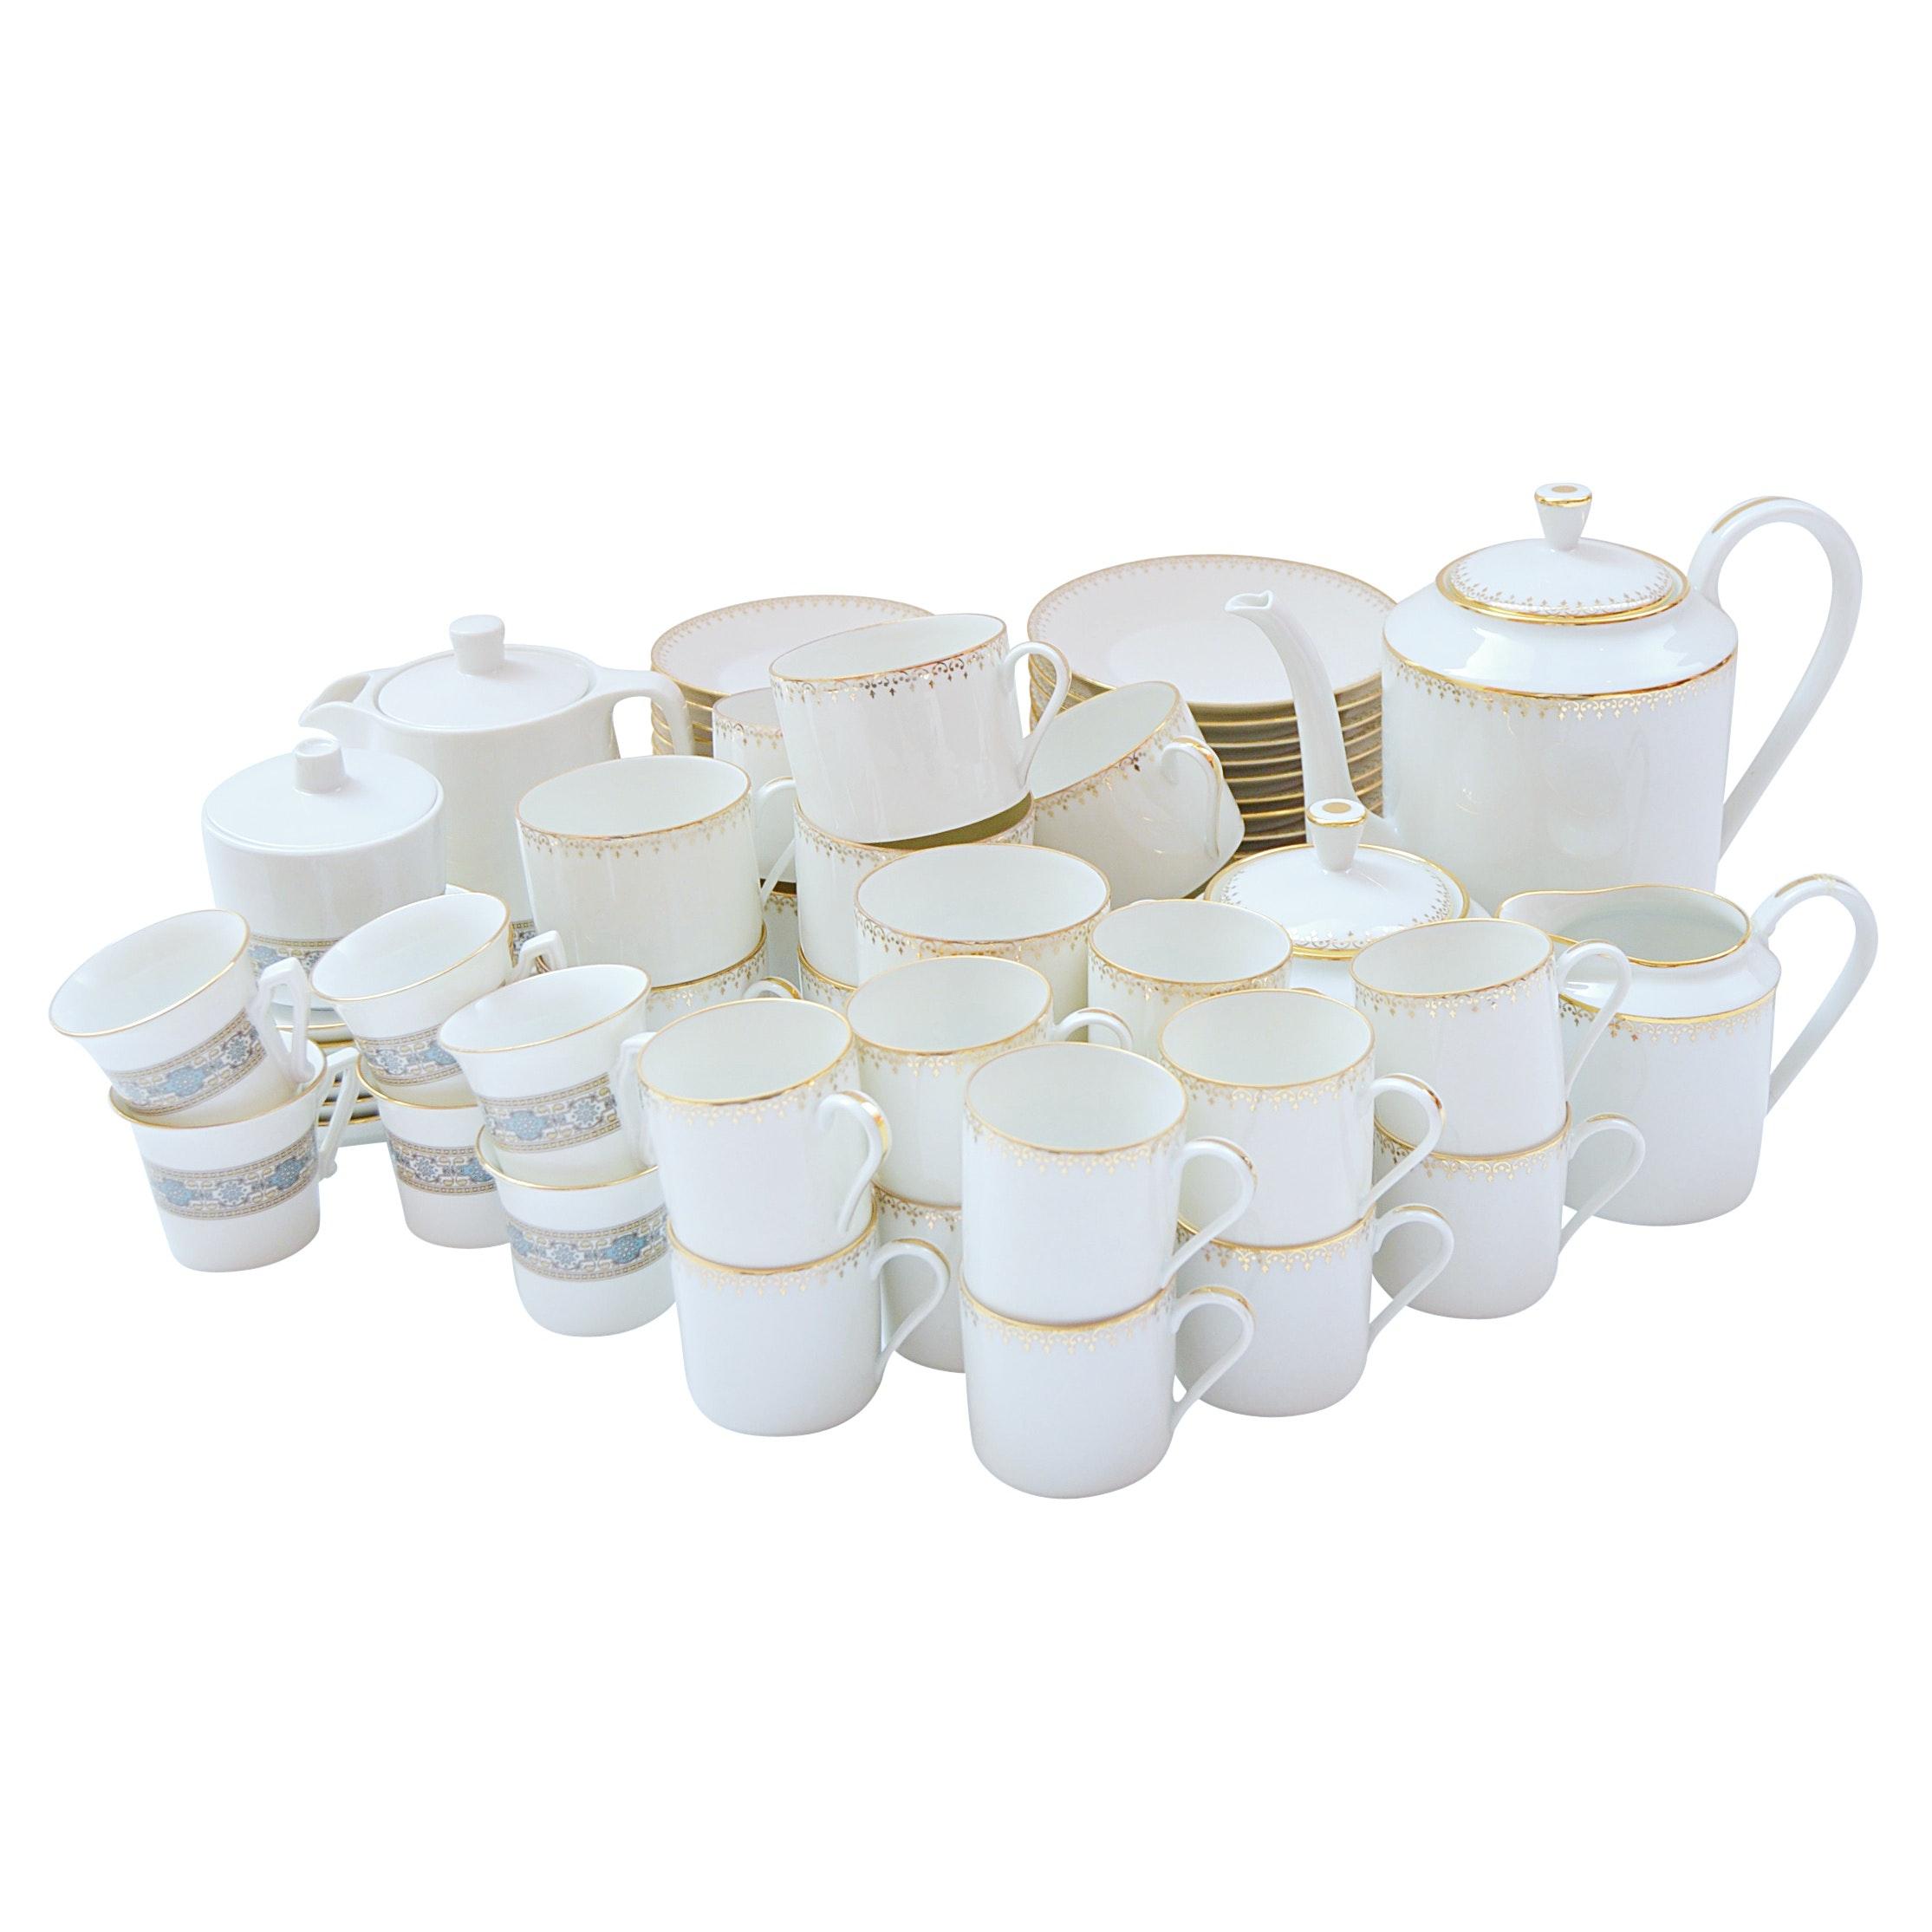 Vintage Limoges and IPA Porcelain Demitasse Sets